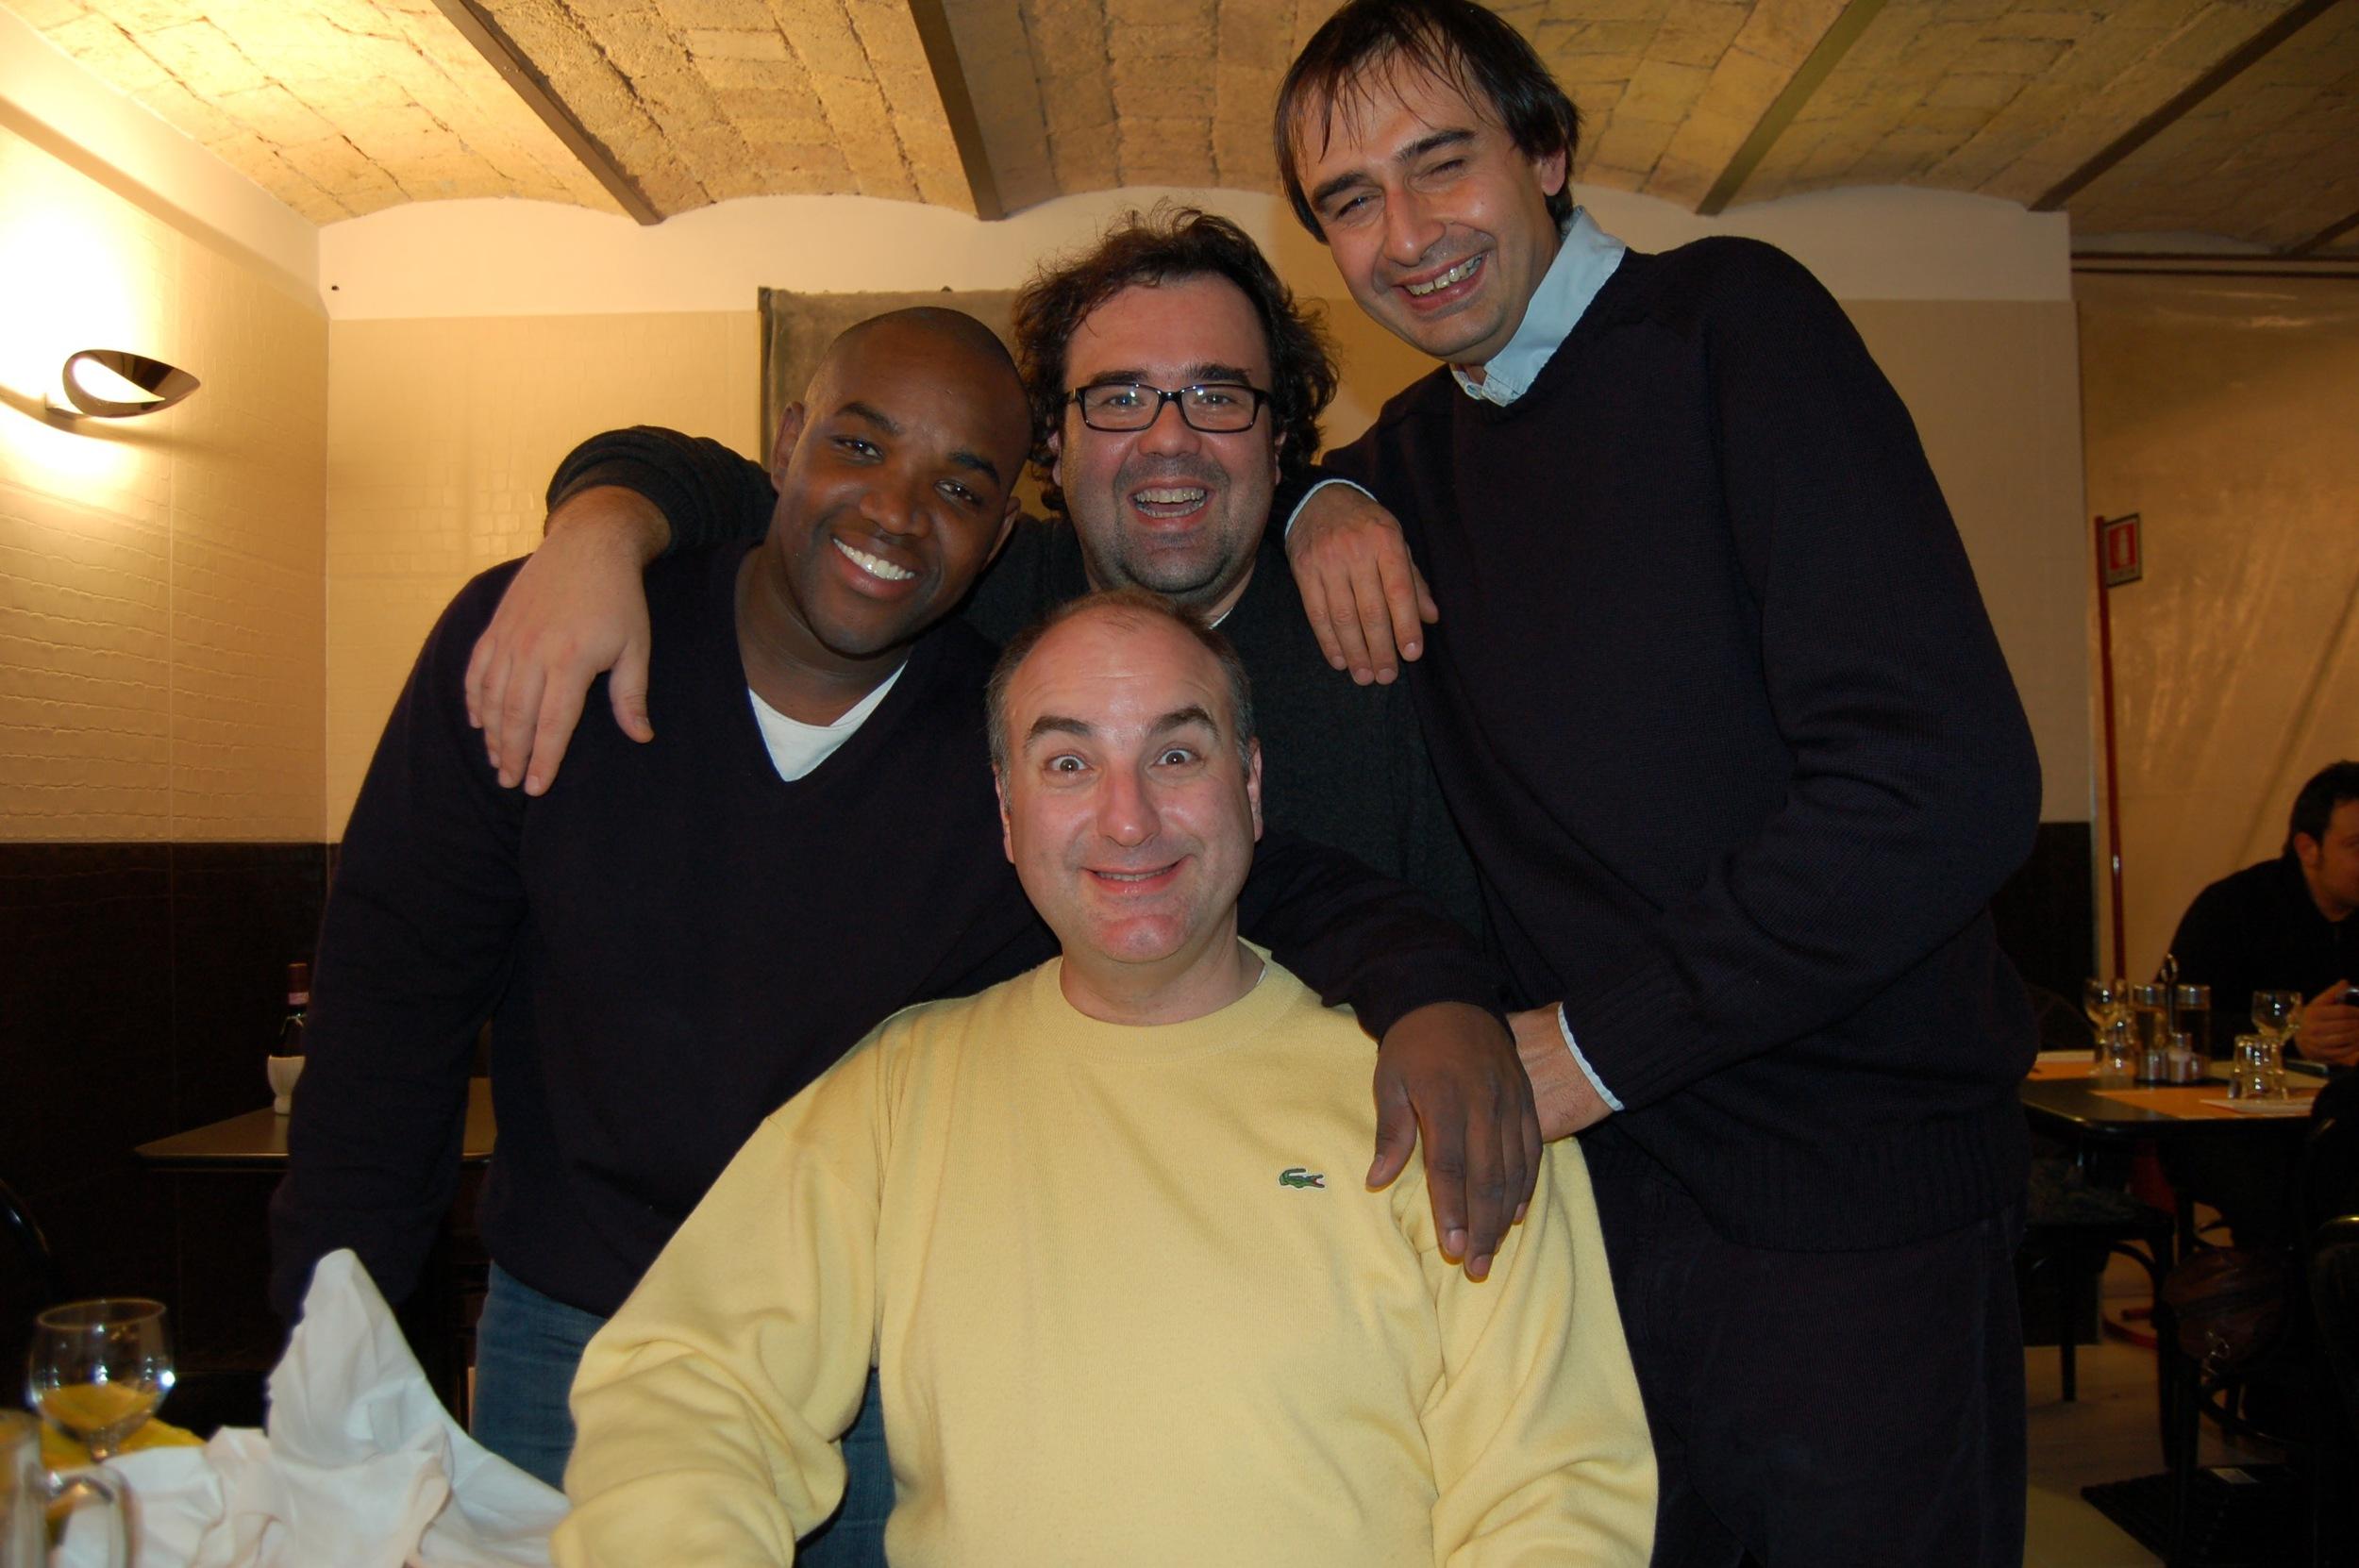 Michele Pertusi, Roberto DeCandia, and friend